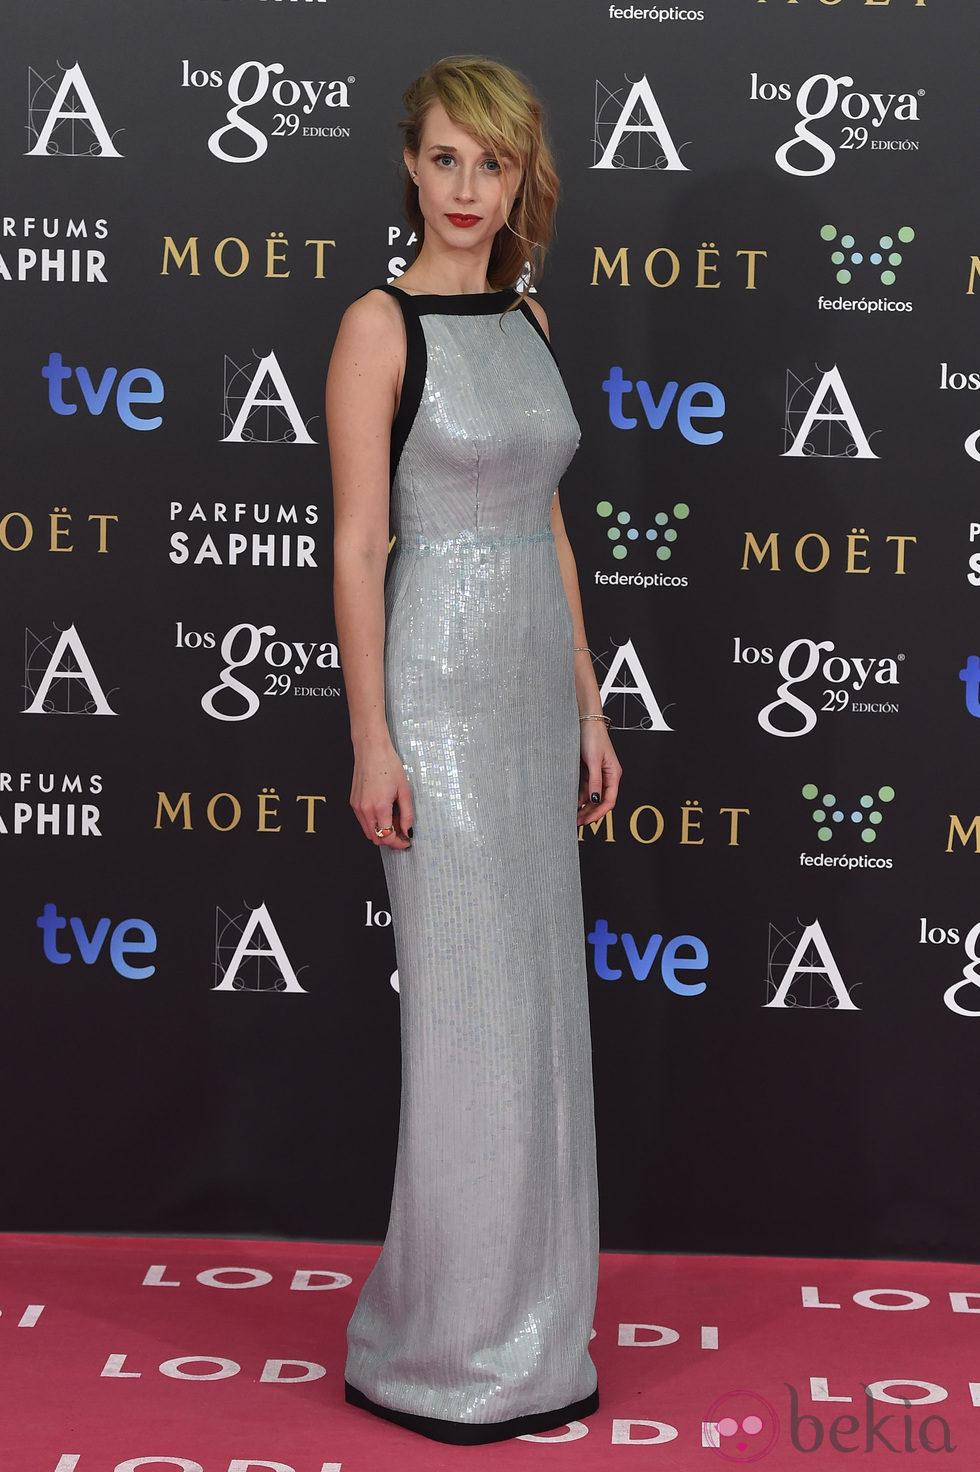 Ingrid García Jonsson en la alfombra rosa de los Goya 2015